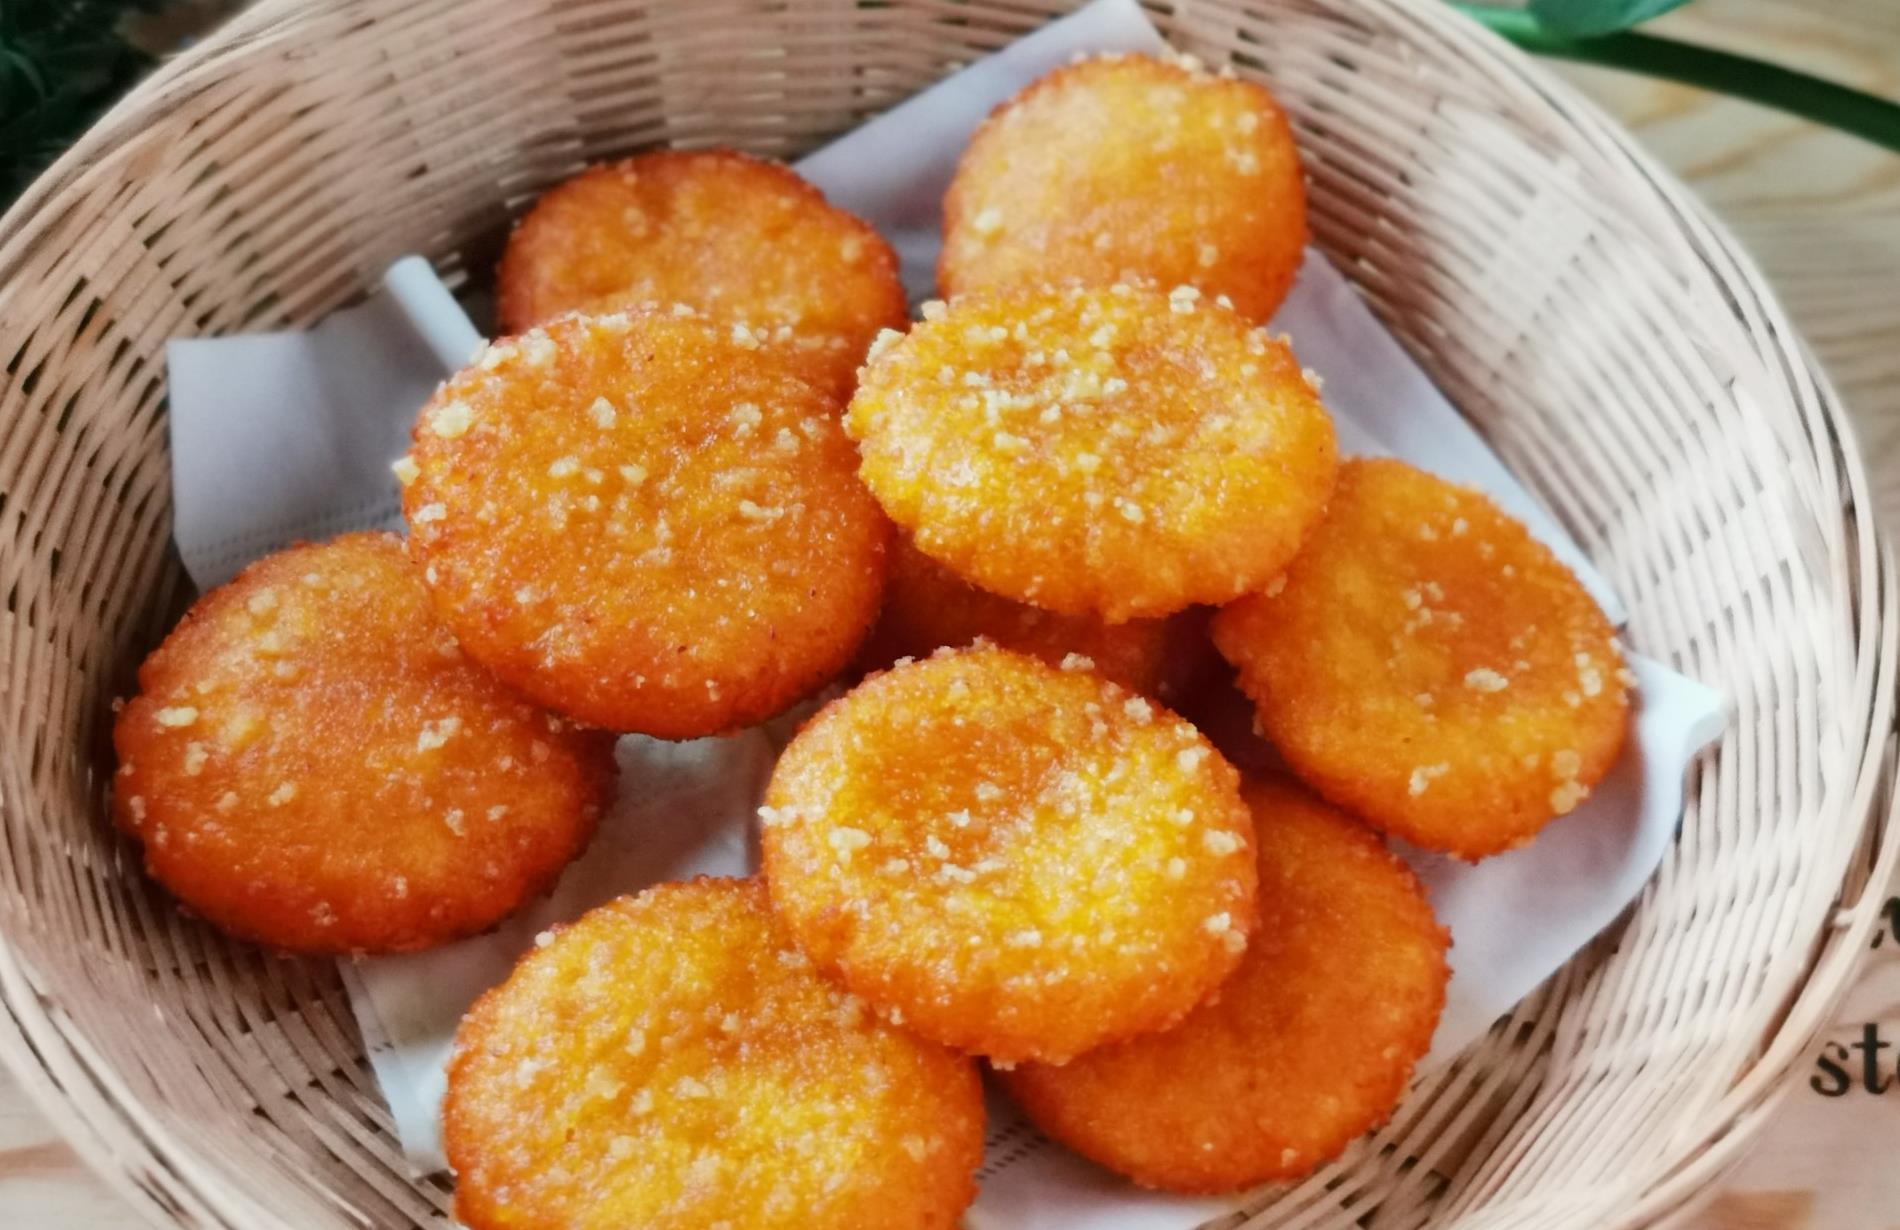 南瓜饼怎样做好吃?多加这两种料,表皮酥香,馅料甜糯